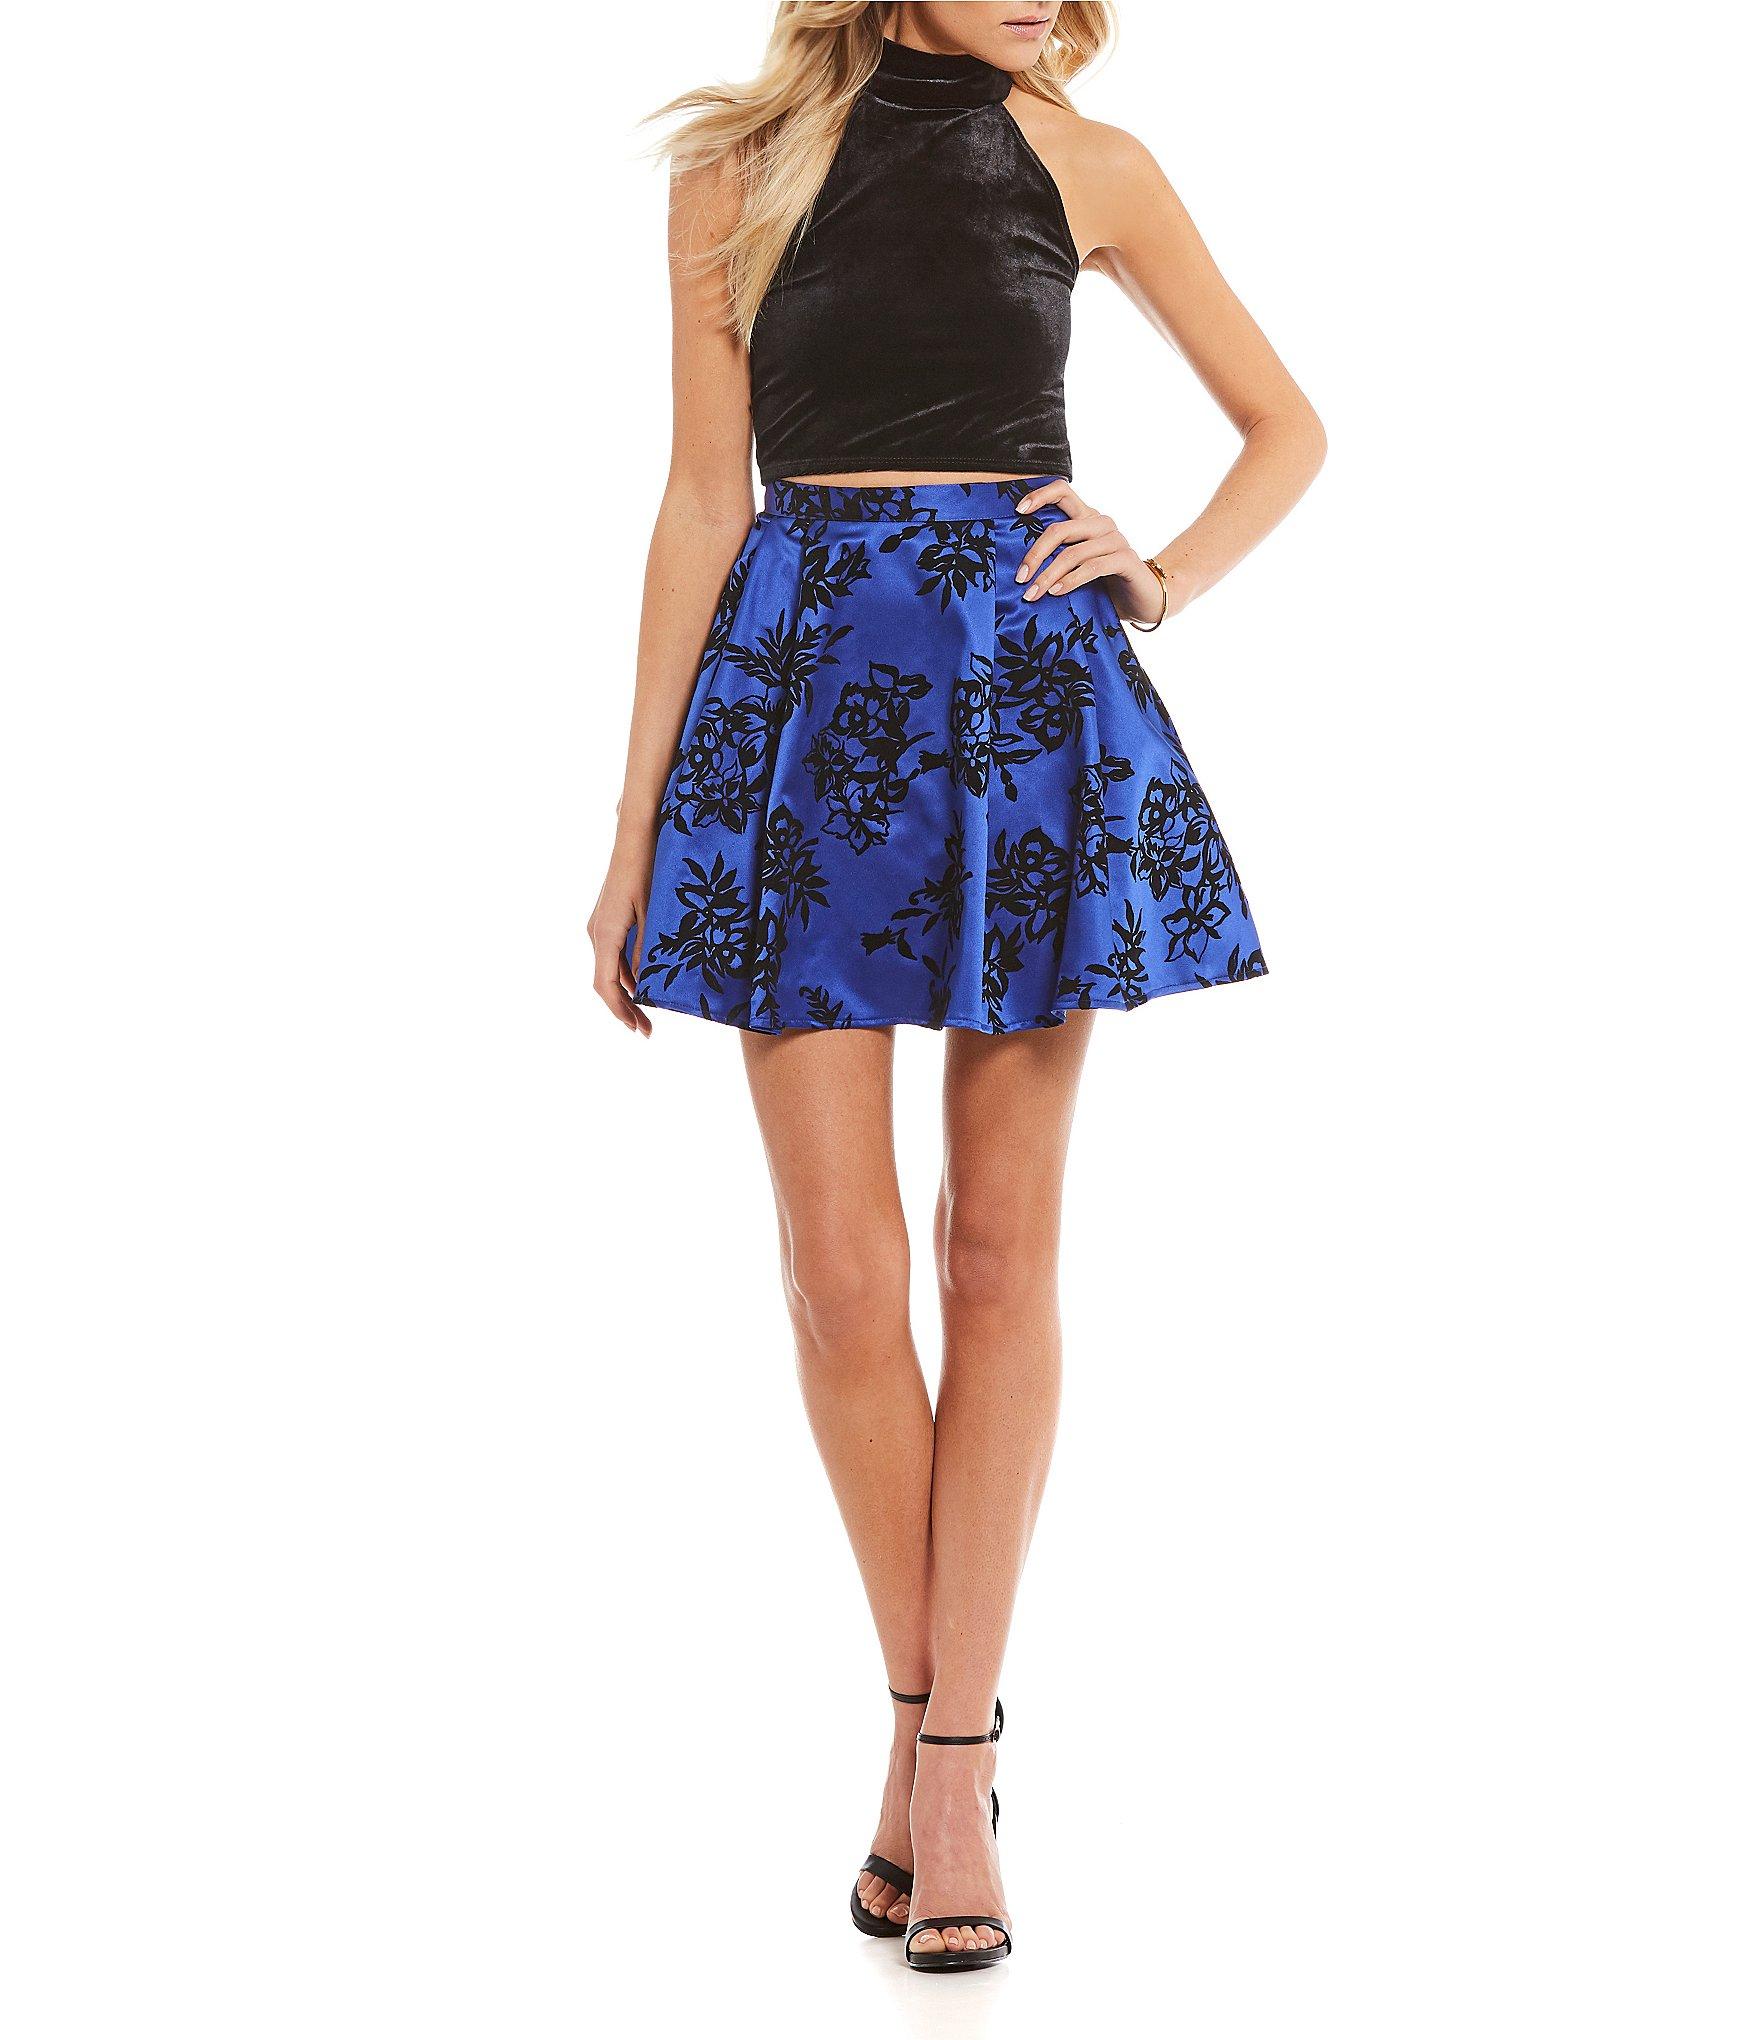 b darlin velvet top with flocked skirt two dress